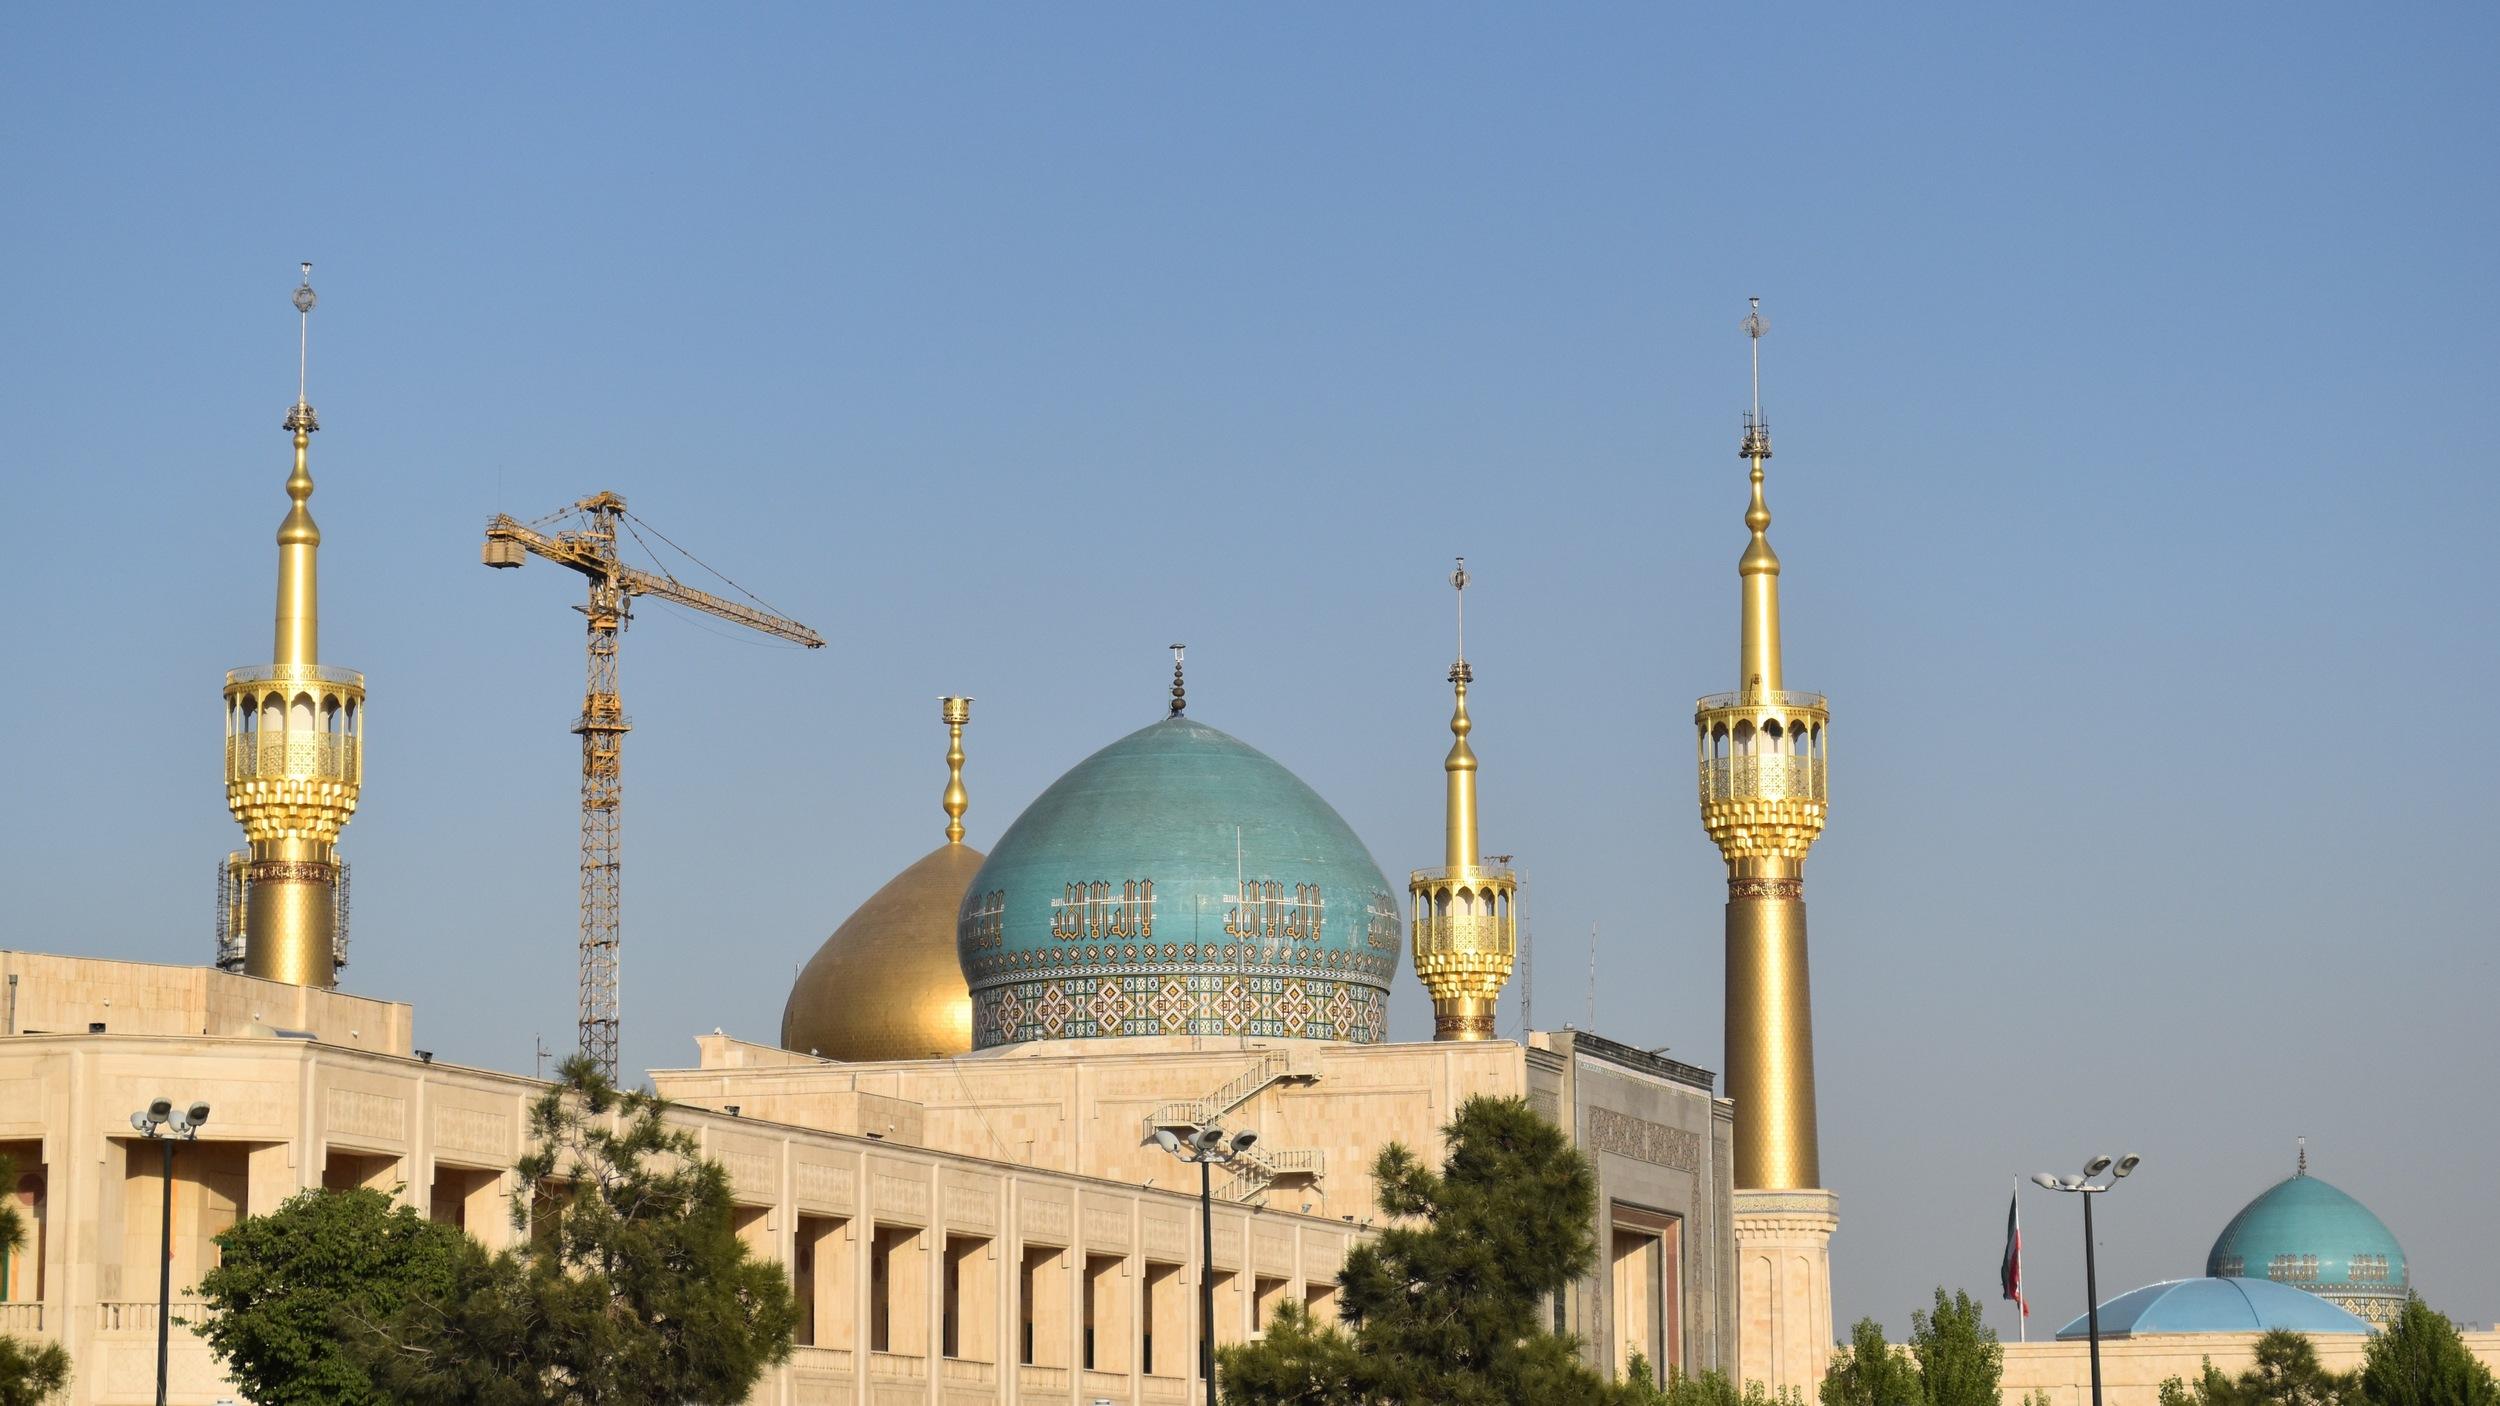 Iran-Qom-Mausoleum-Ayatollah-Khomeini